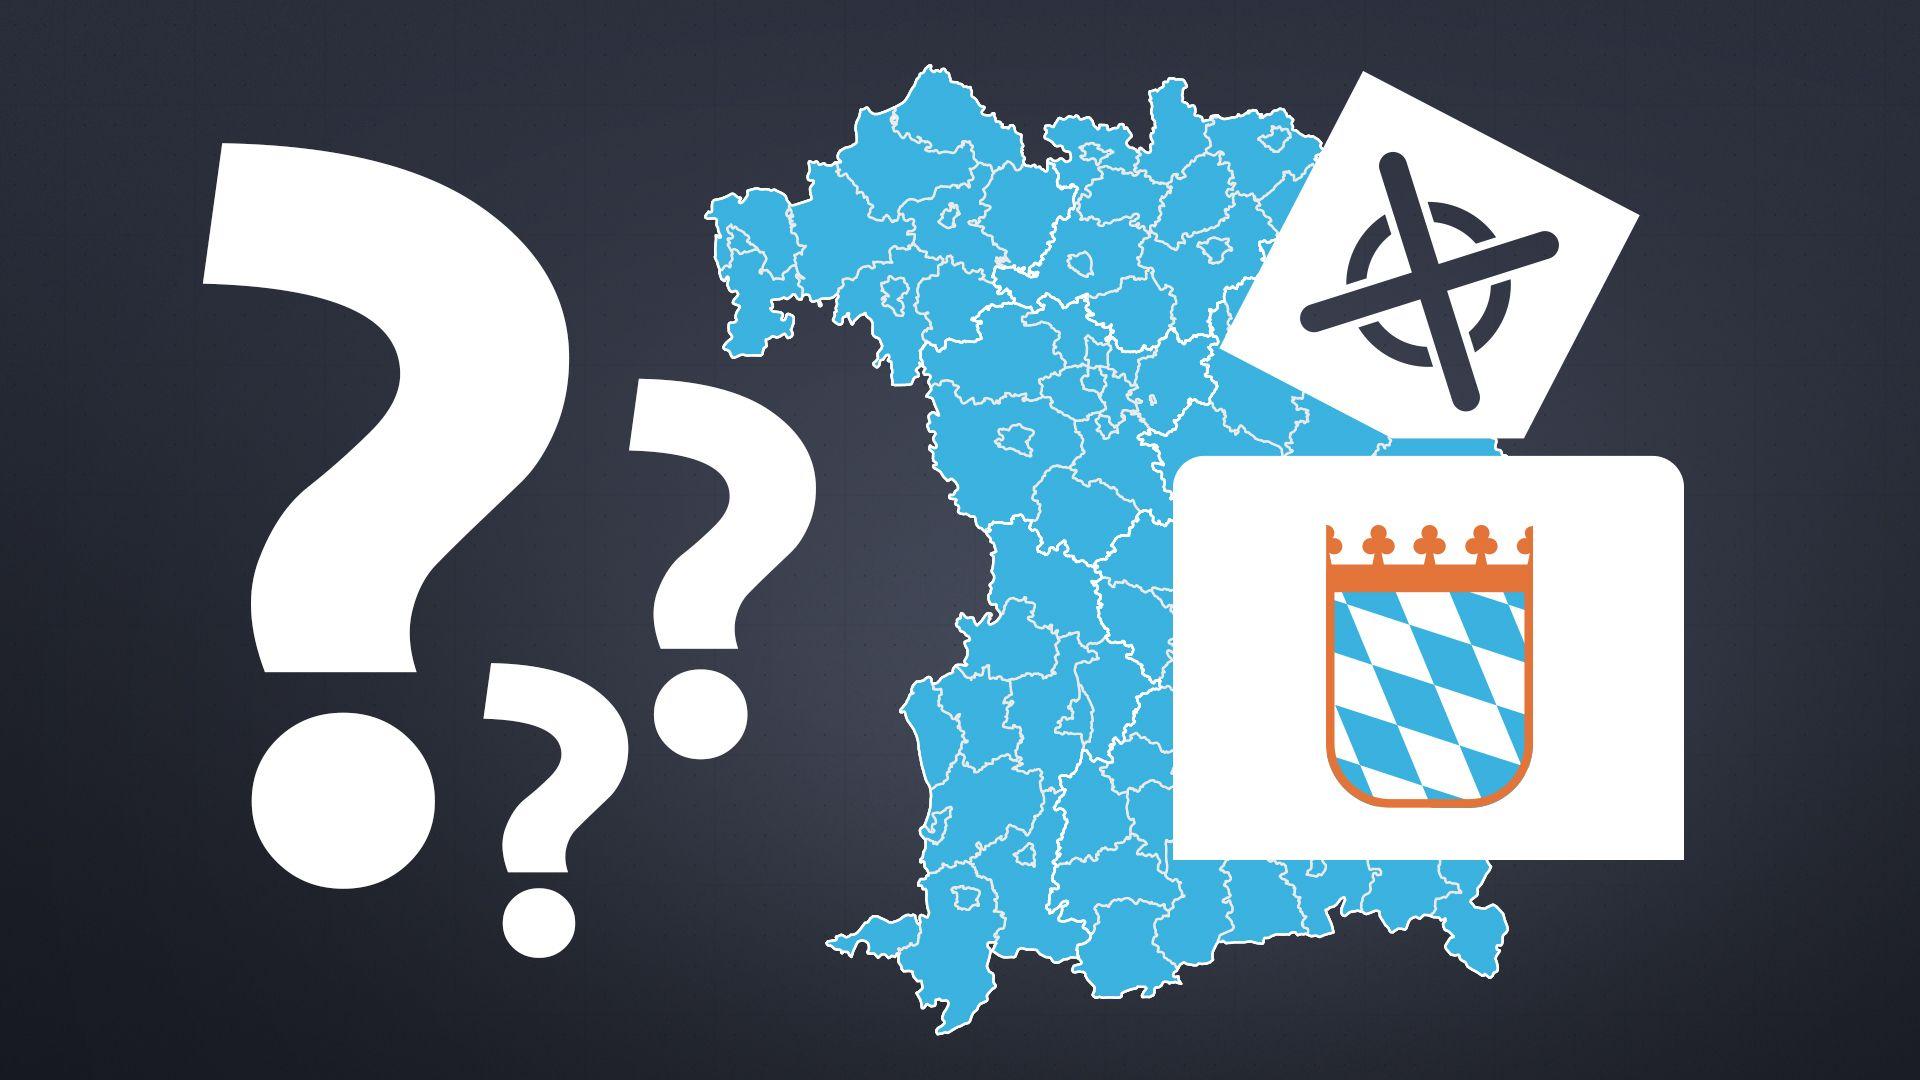 Kommunalwahlen in München am  15. März